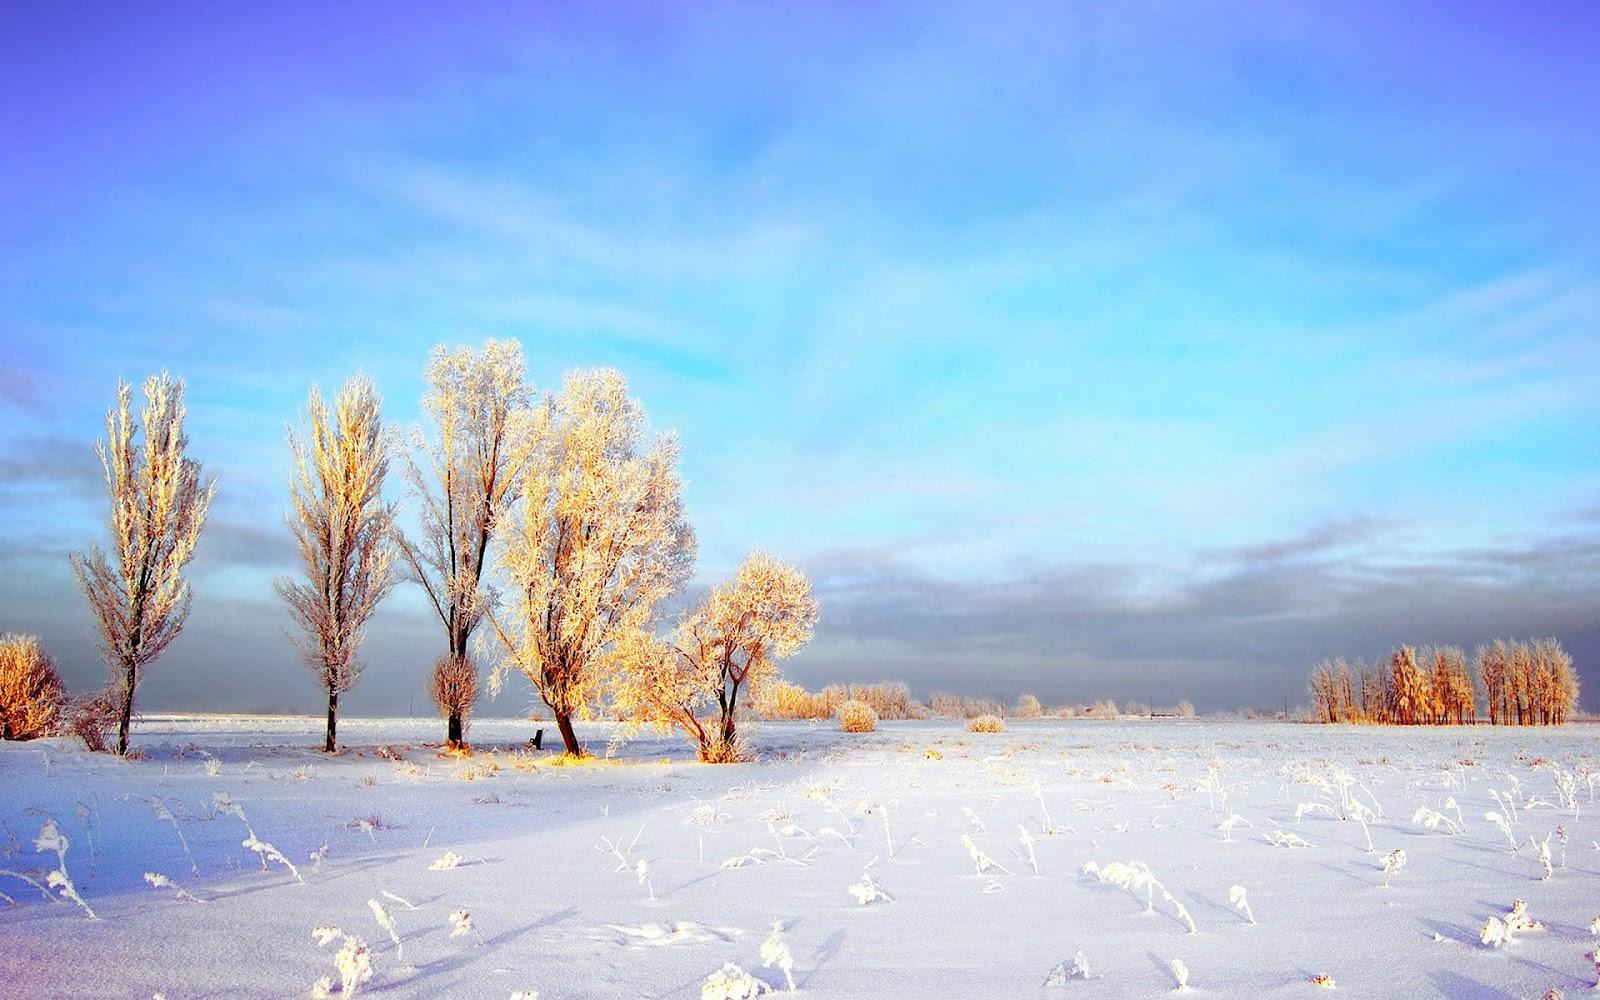 Winter Scenes Wallpaper Free | wallpaper, wallpaper hd ...